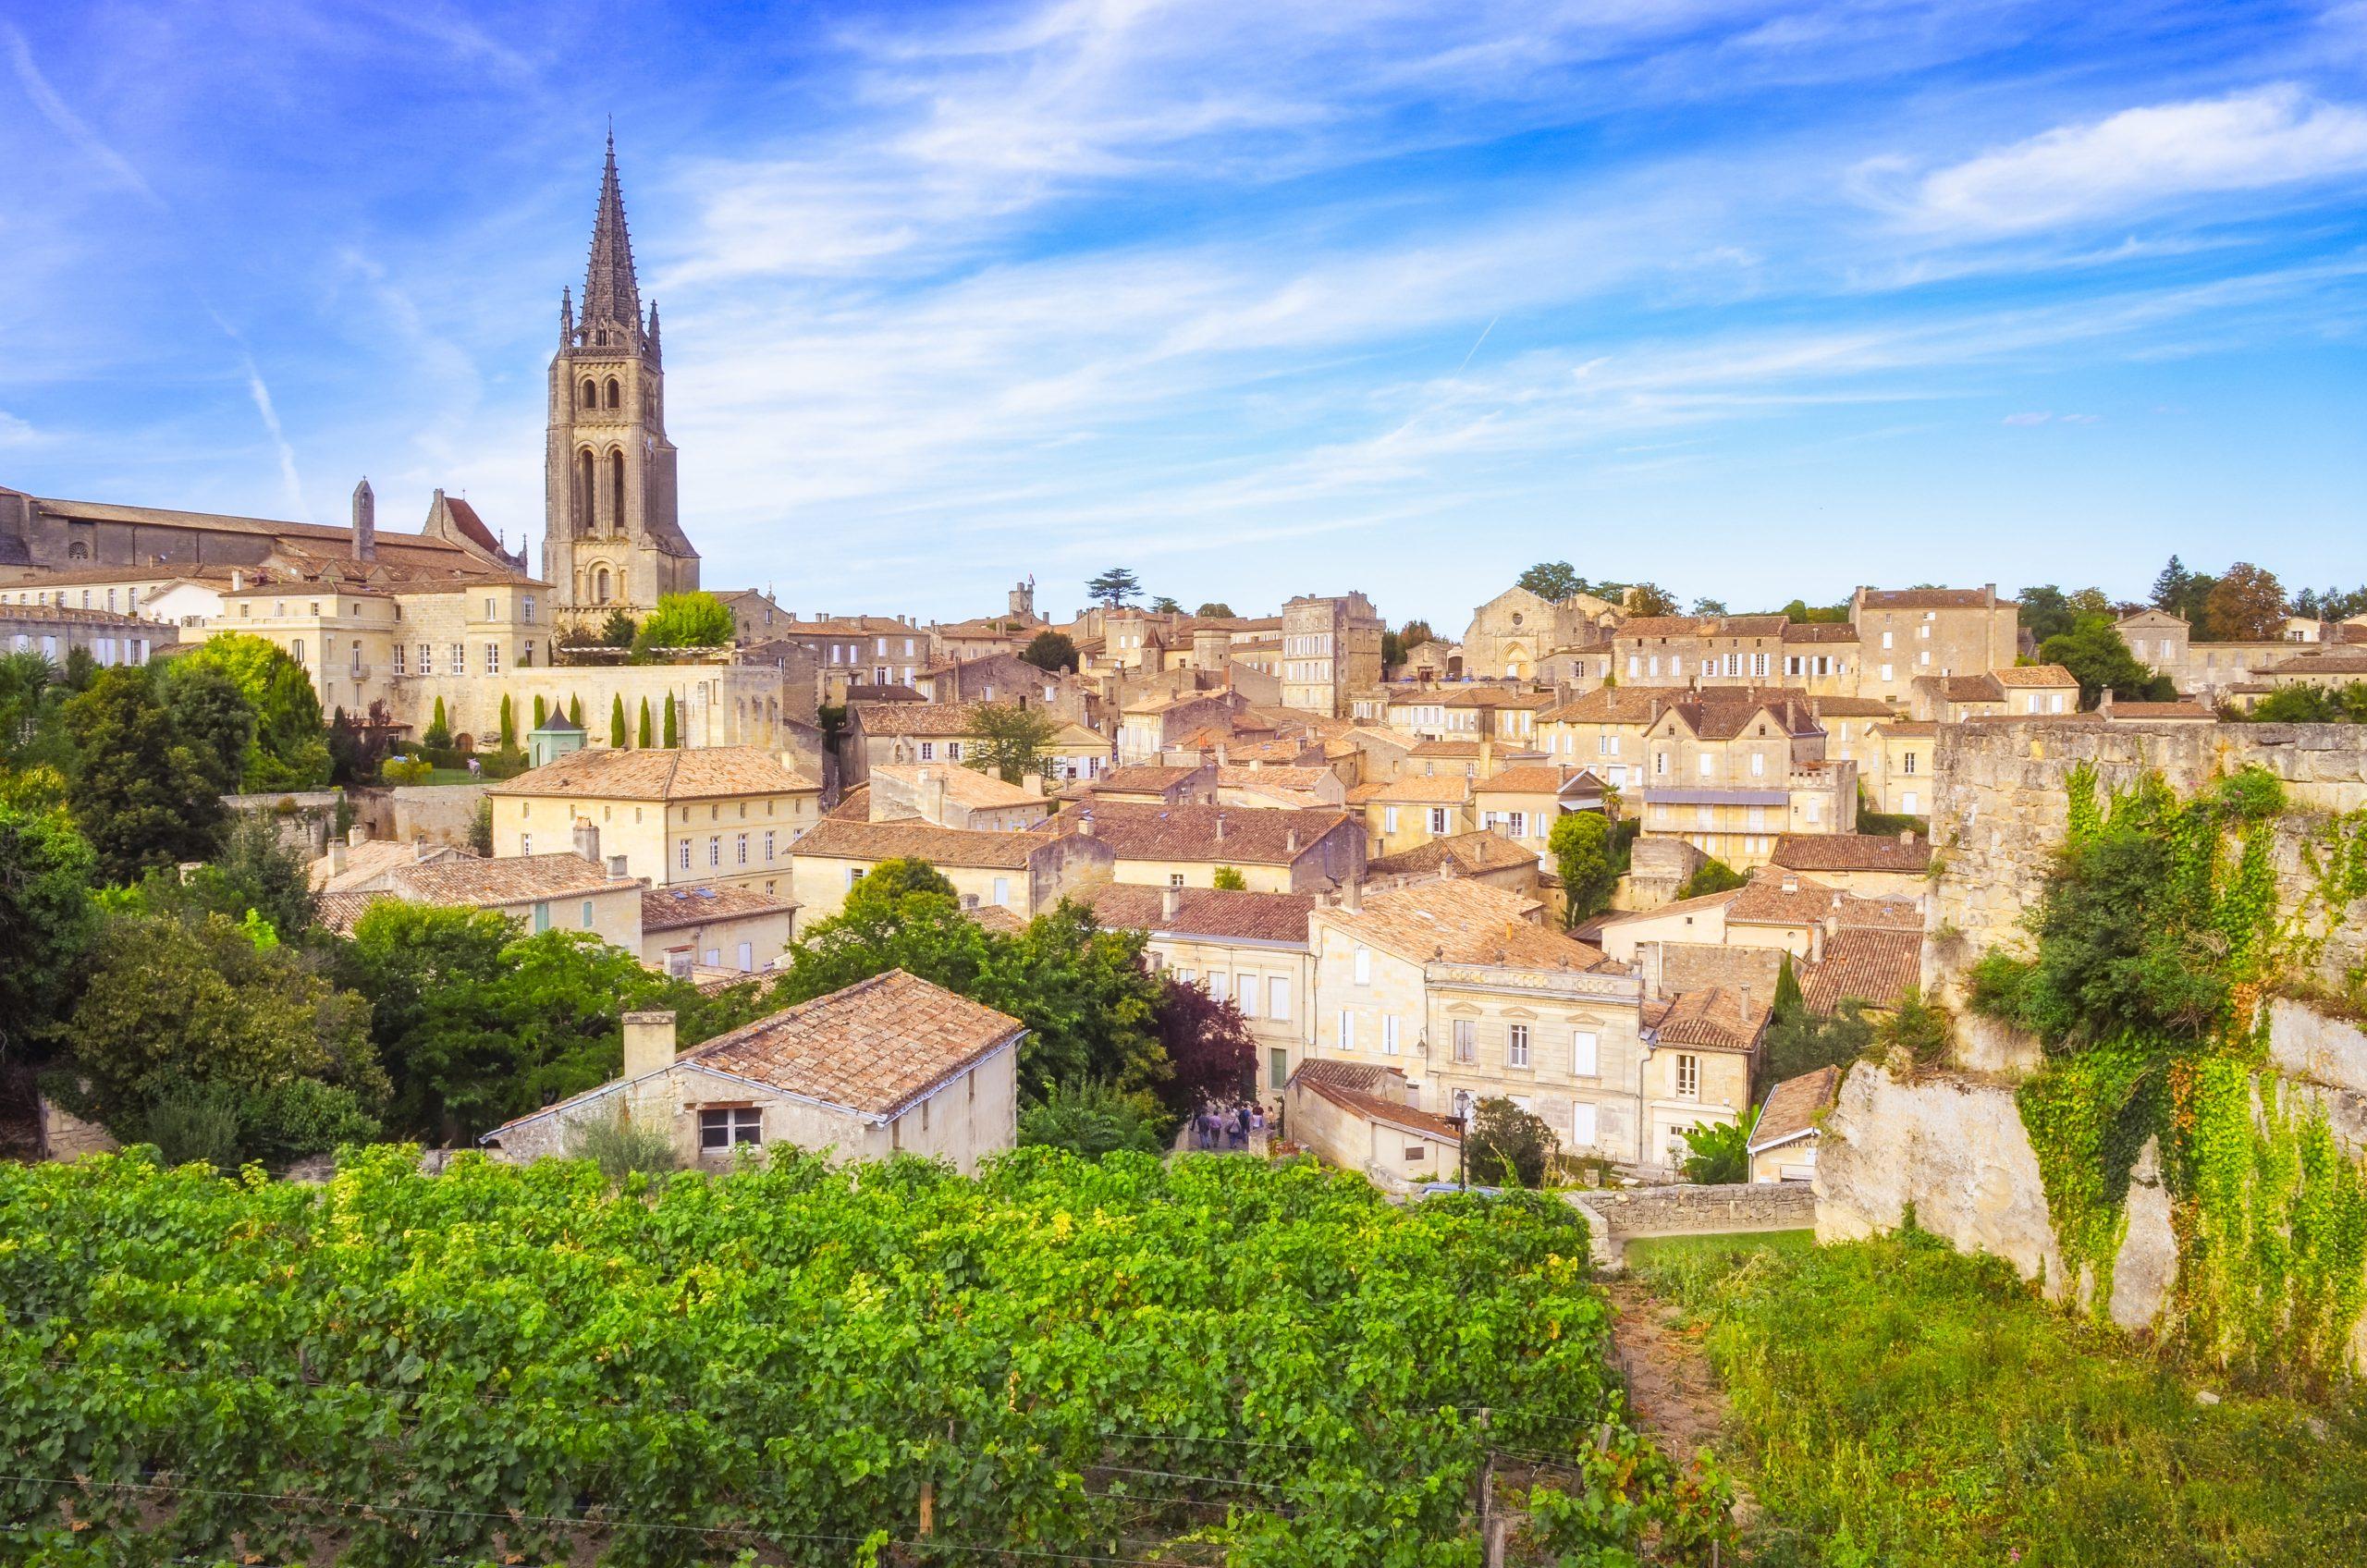 Colorful,Landscape,View,Of,Saint,Emilion,Village,In,Bordeaux,Region,